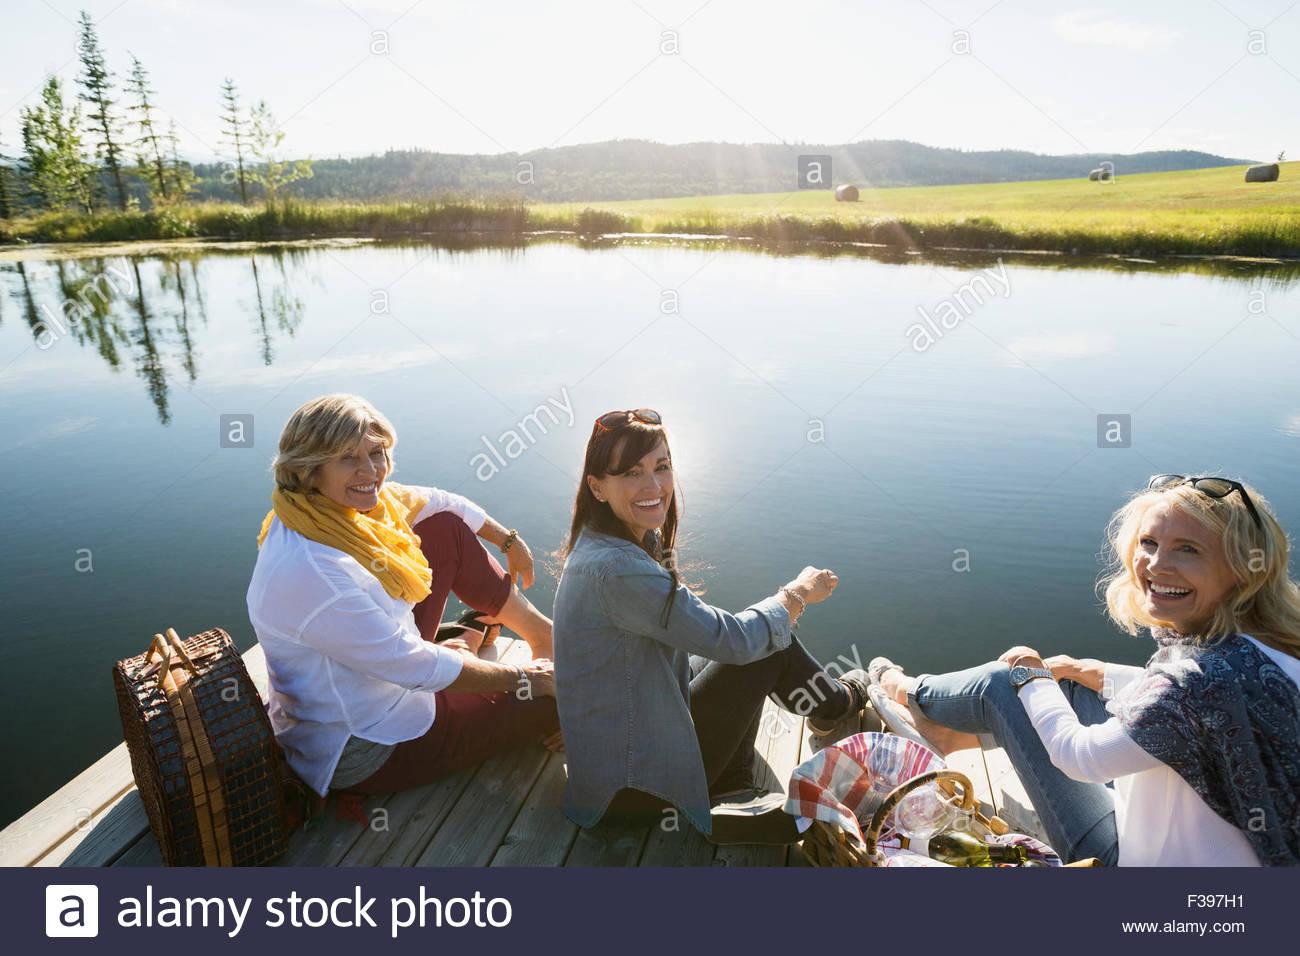 Portrait smiling women enjoying picnic dock sunny lakeside - Stock Image